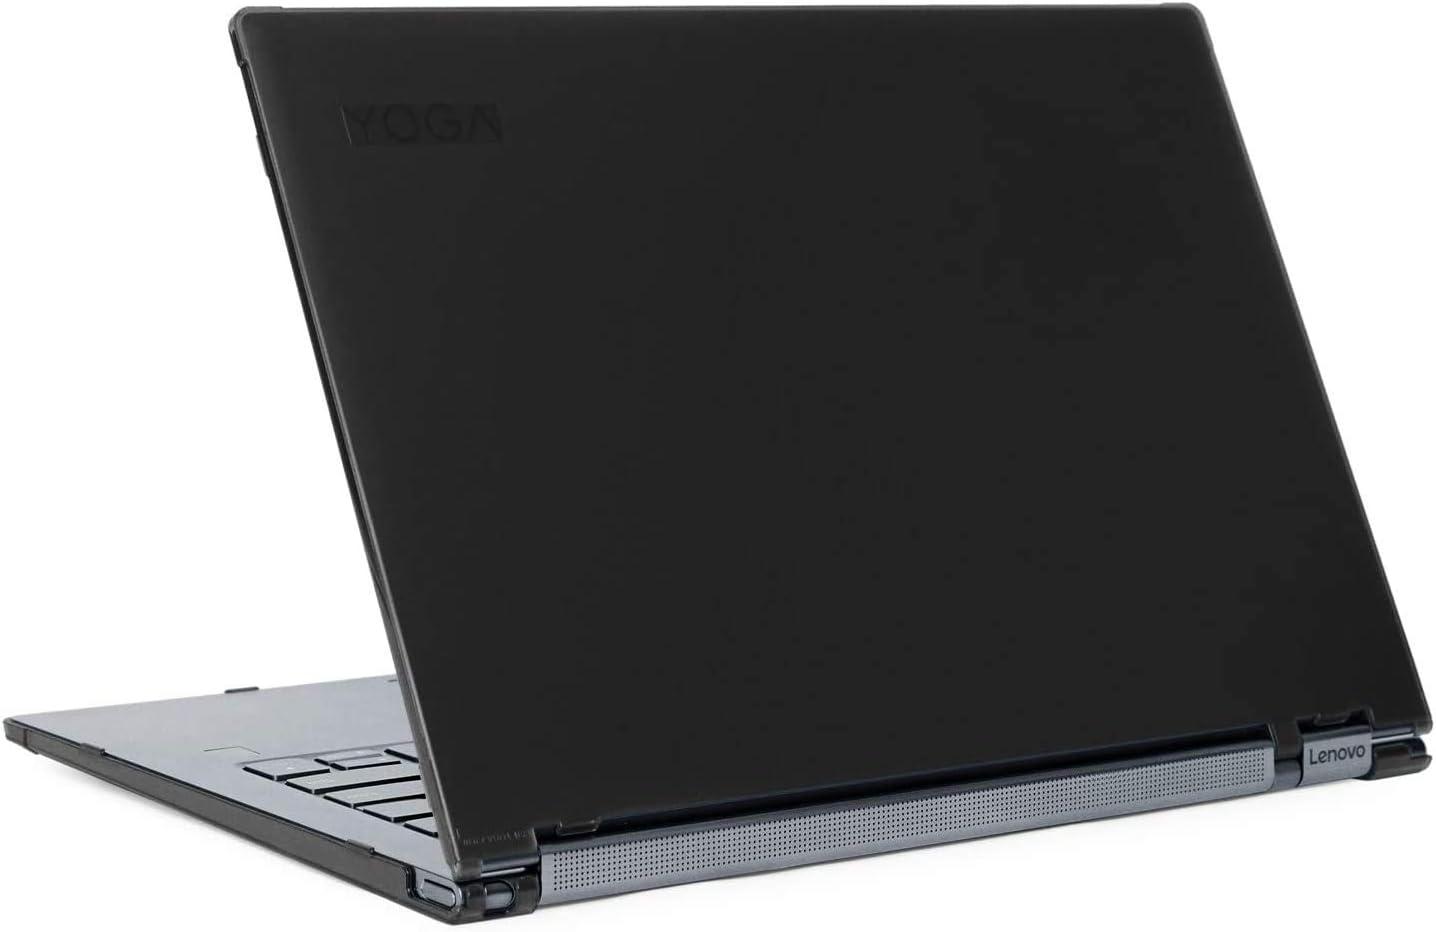 Laptops y Accesorios > Accesorios para Laptops > <b>Skins</b>